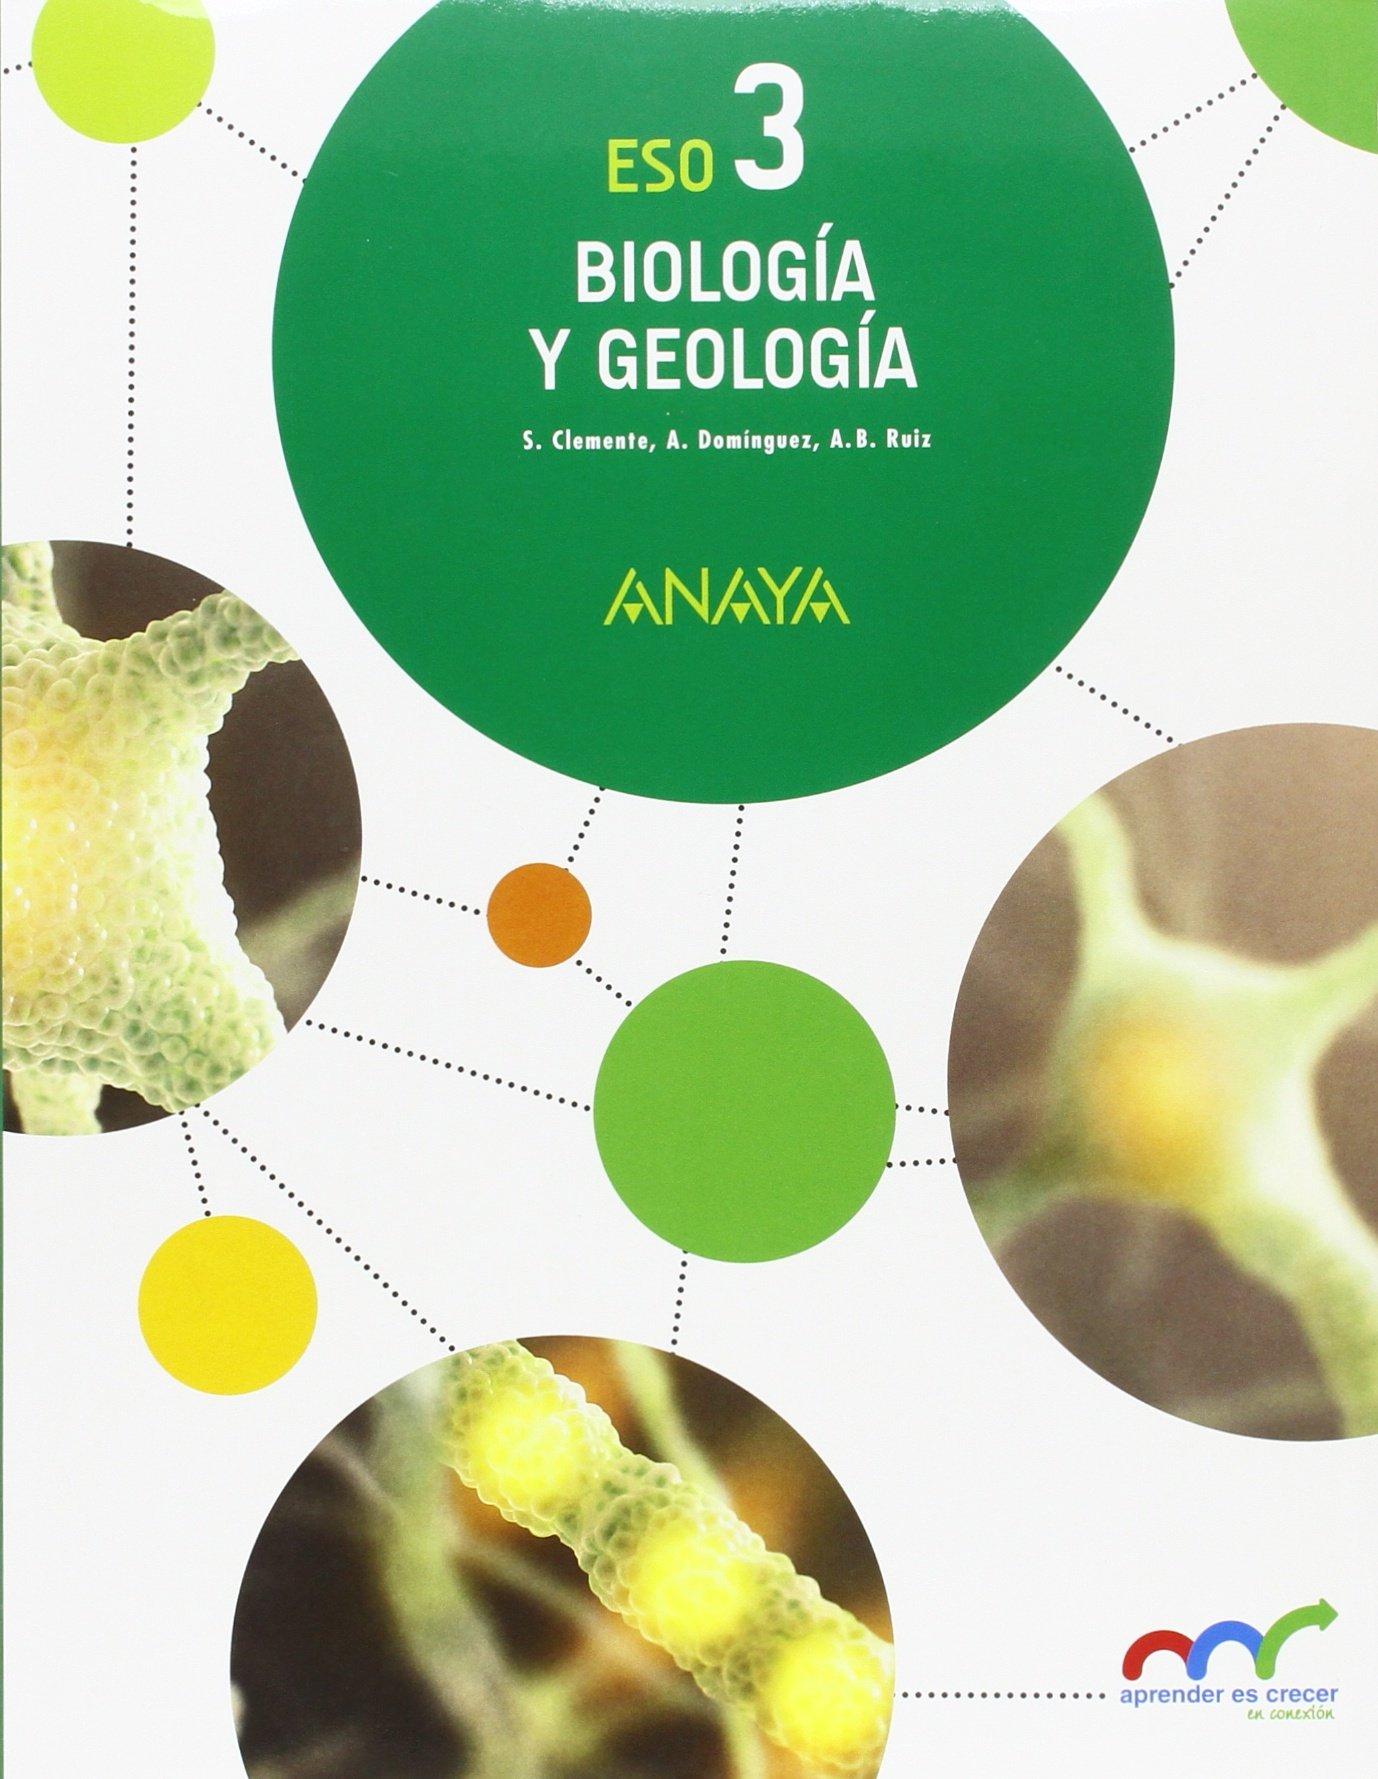 Biologia Y Geologia 3 Eso Andalucia Amazon Es Aa Vv Libros